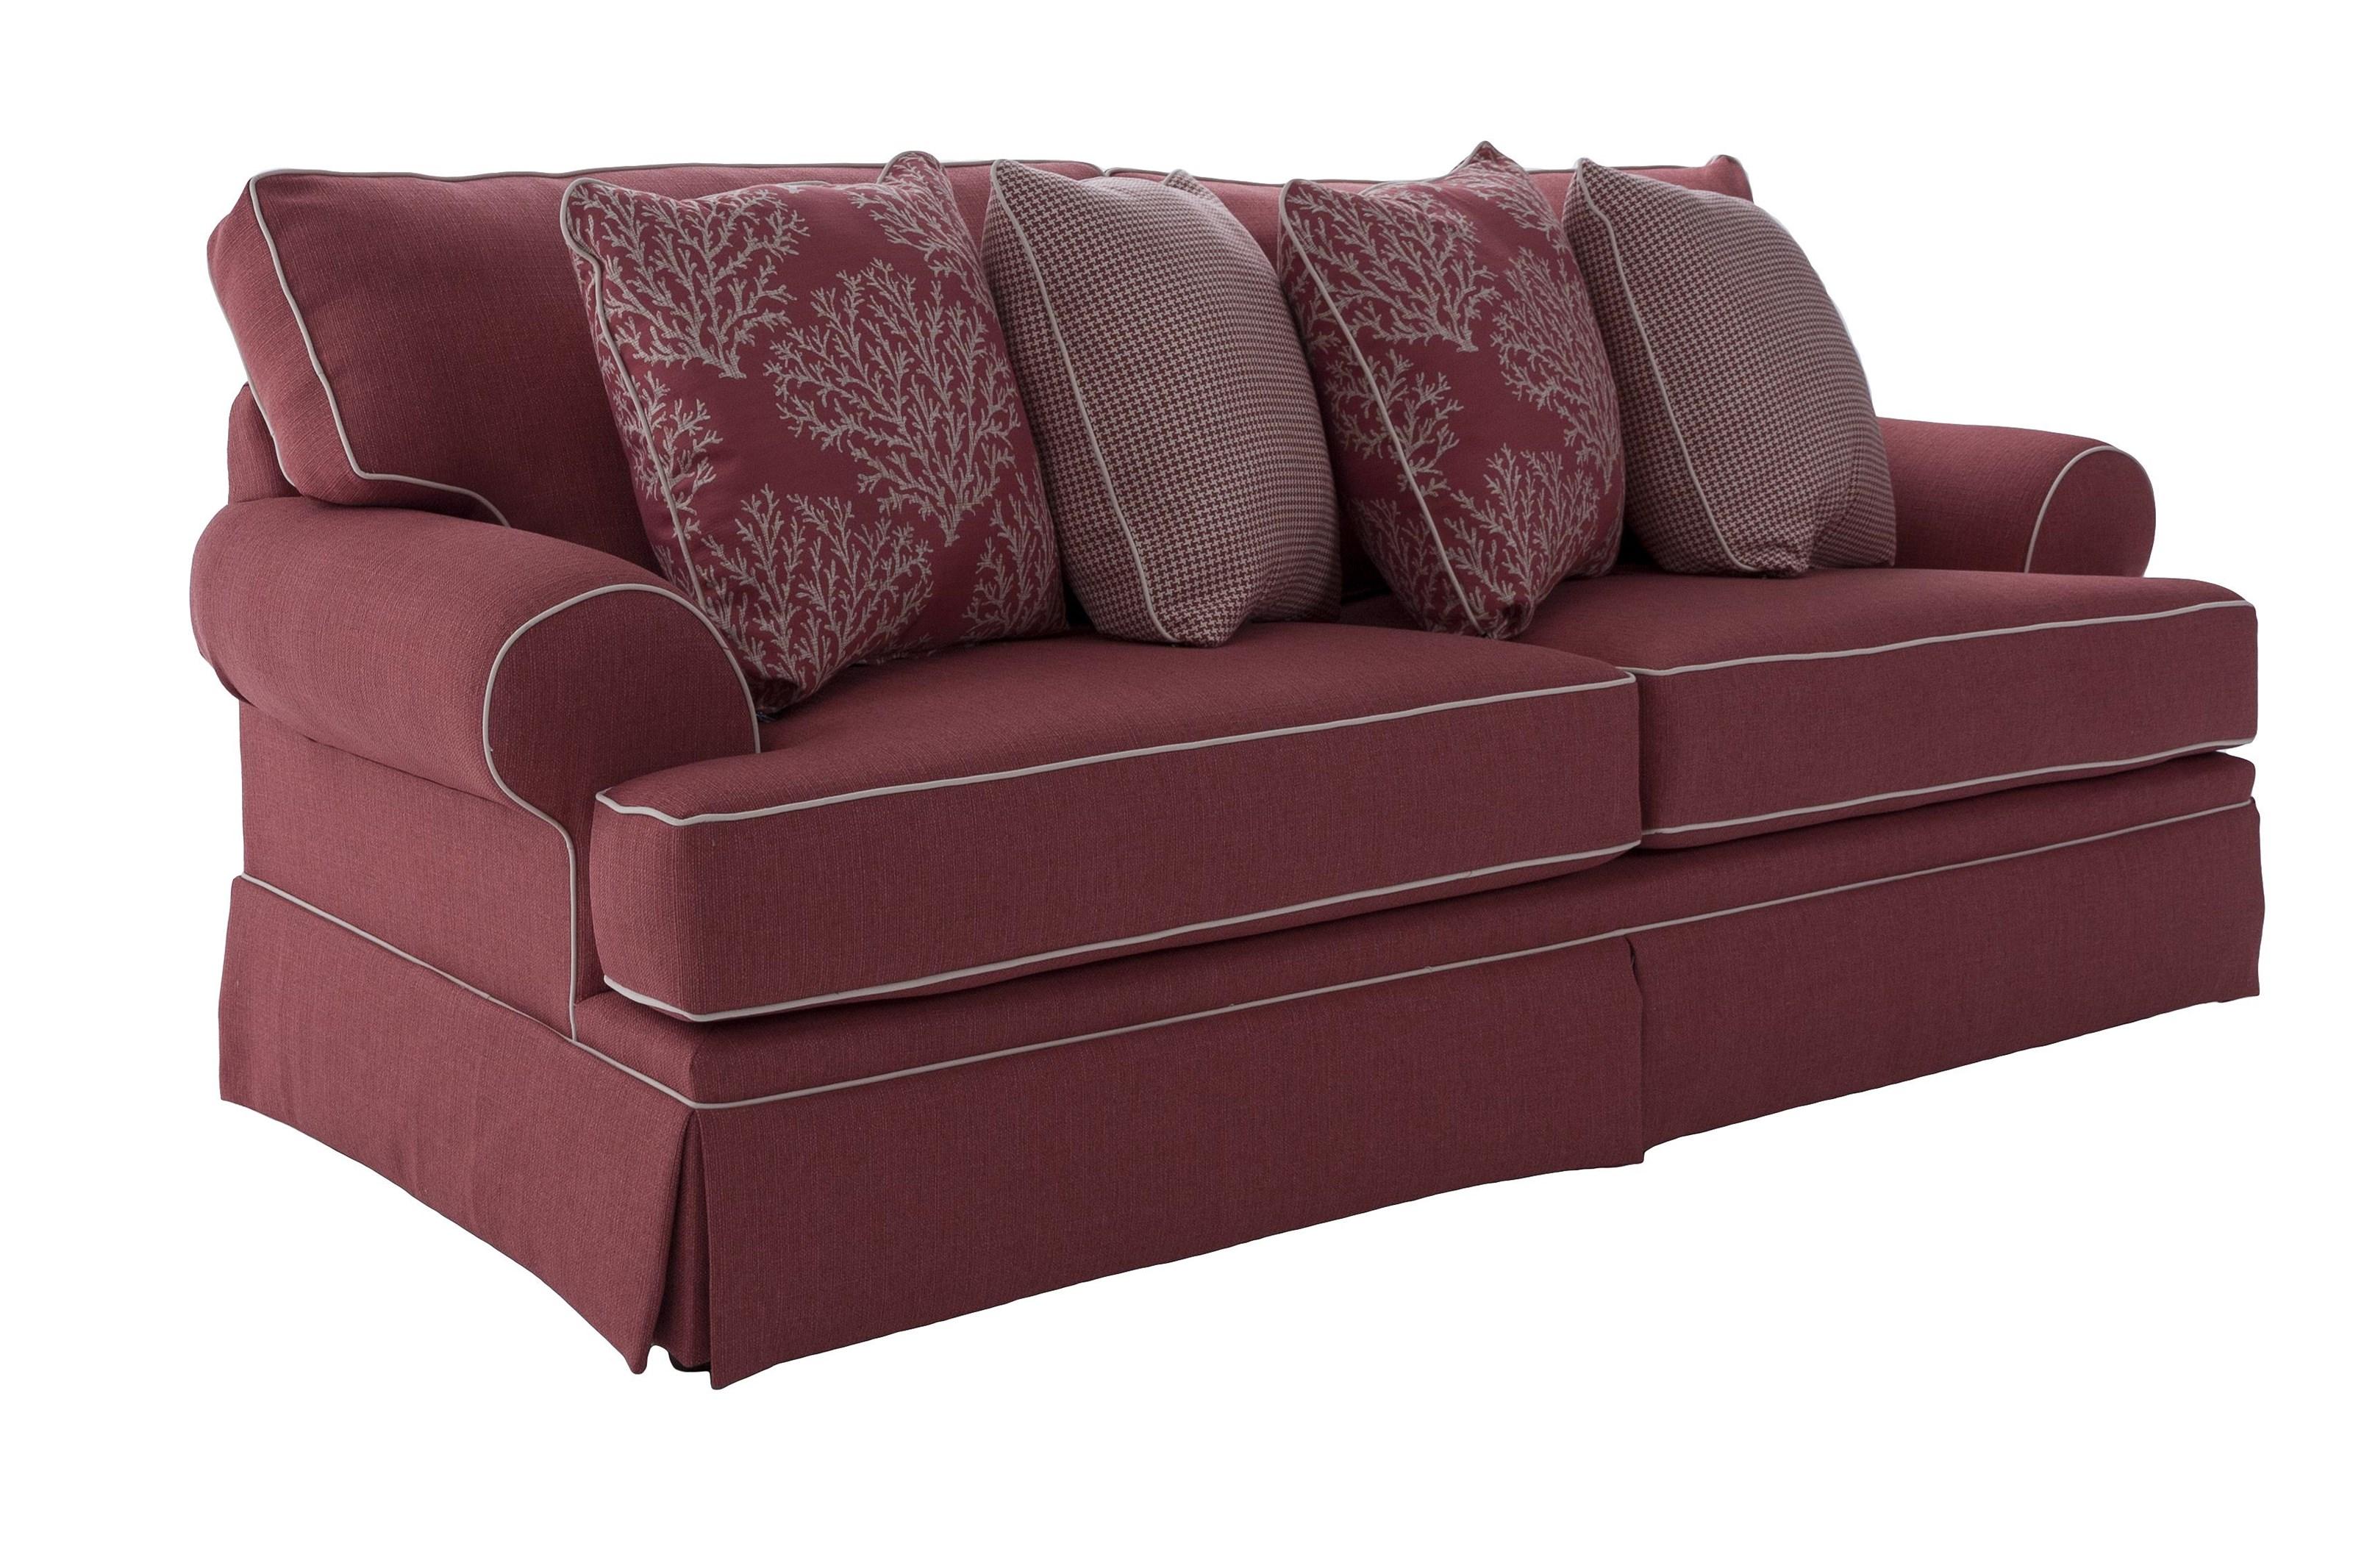 Broyhill Furniture Emily 6262 7a Coral Queen Air Dream